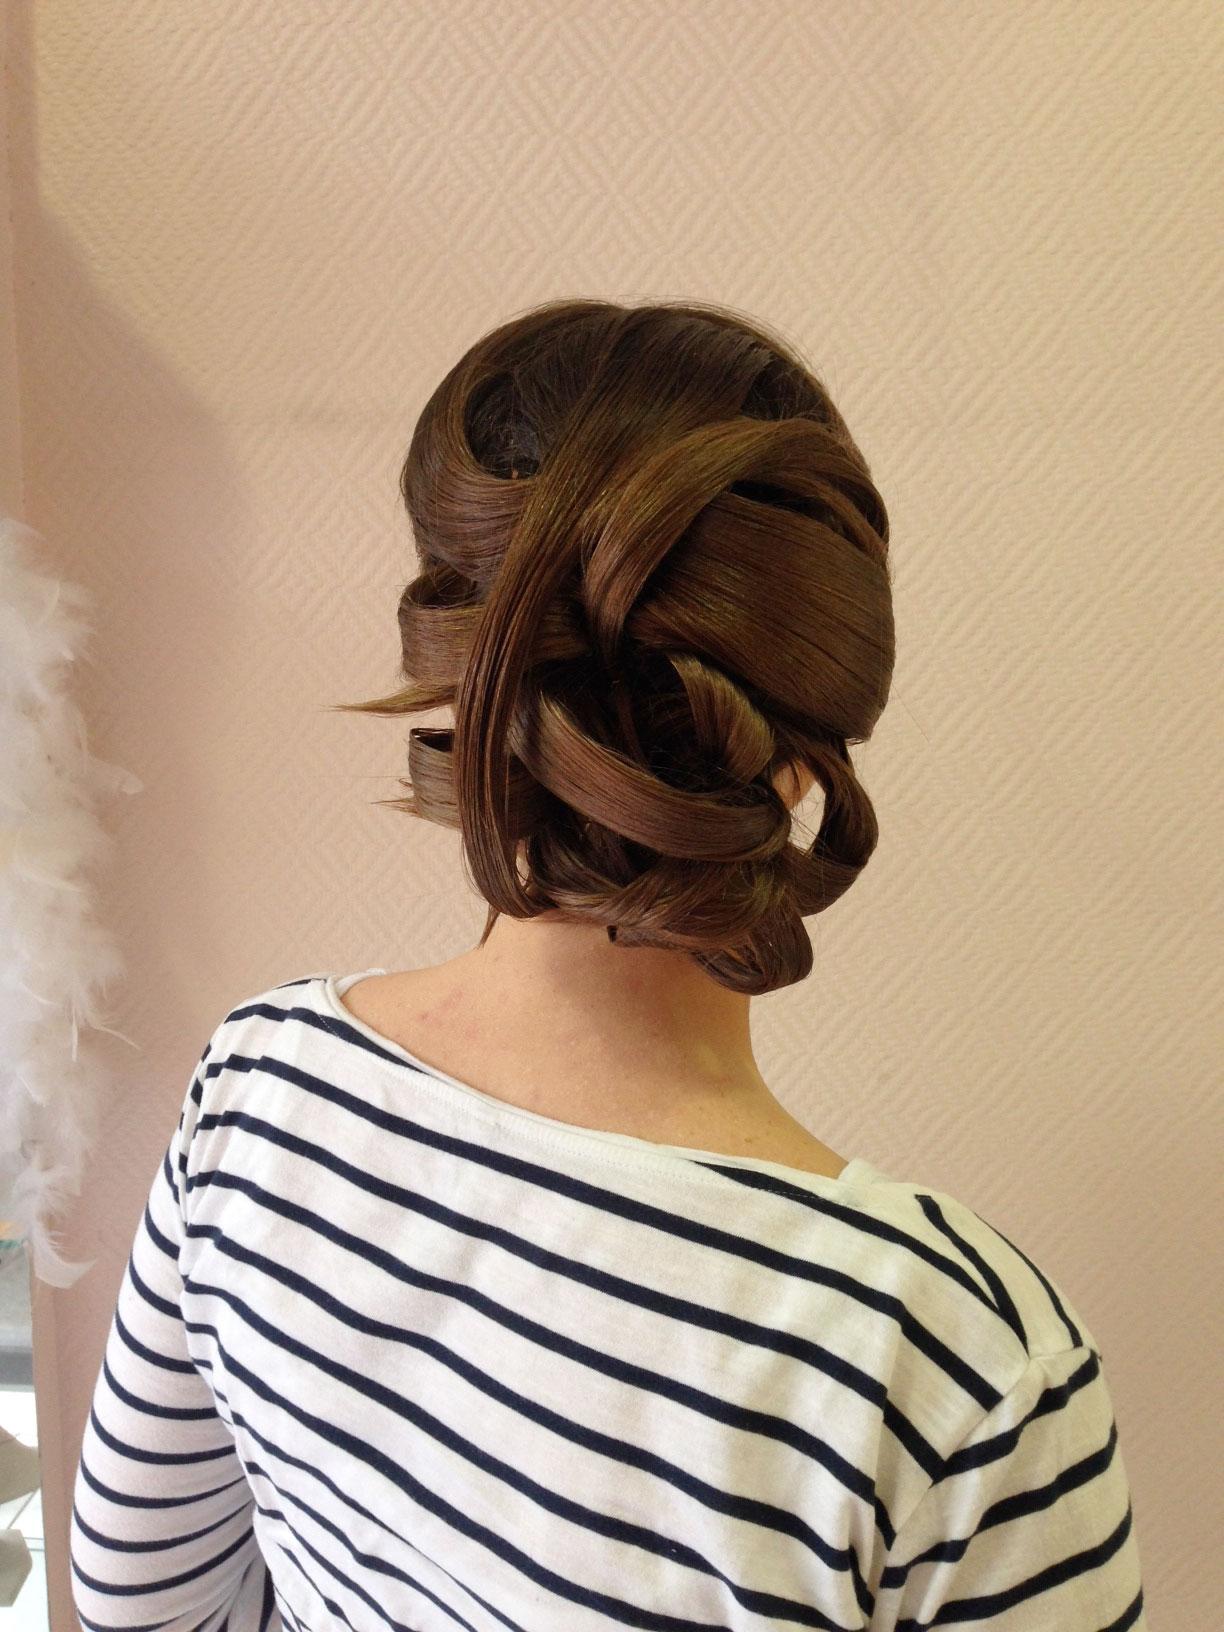 Coiffure cheveux long meche salon de coiffure blainville for Salon de coiffure blainville